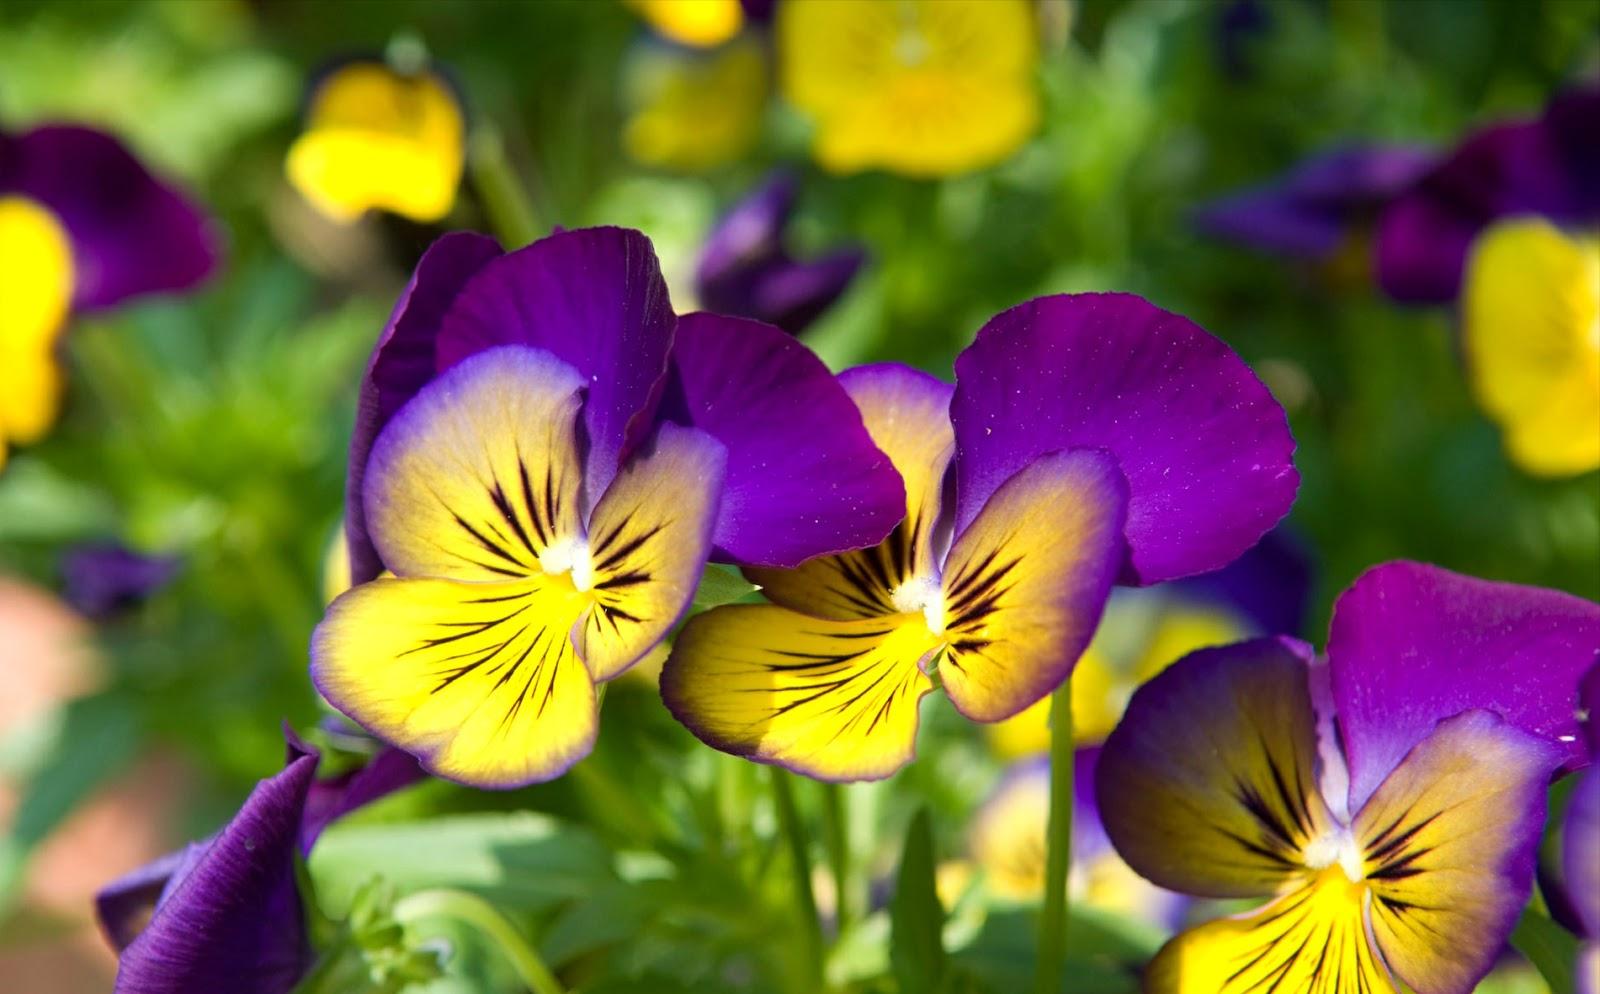 Gambar Bunga Indah dan Cantik | Kumpulan Gambar